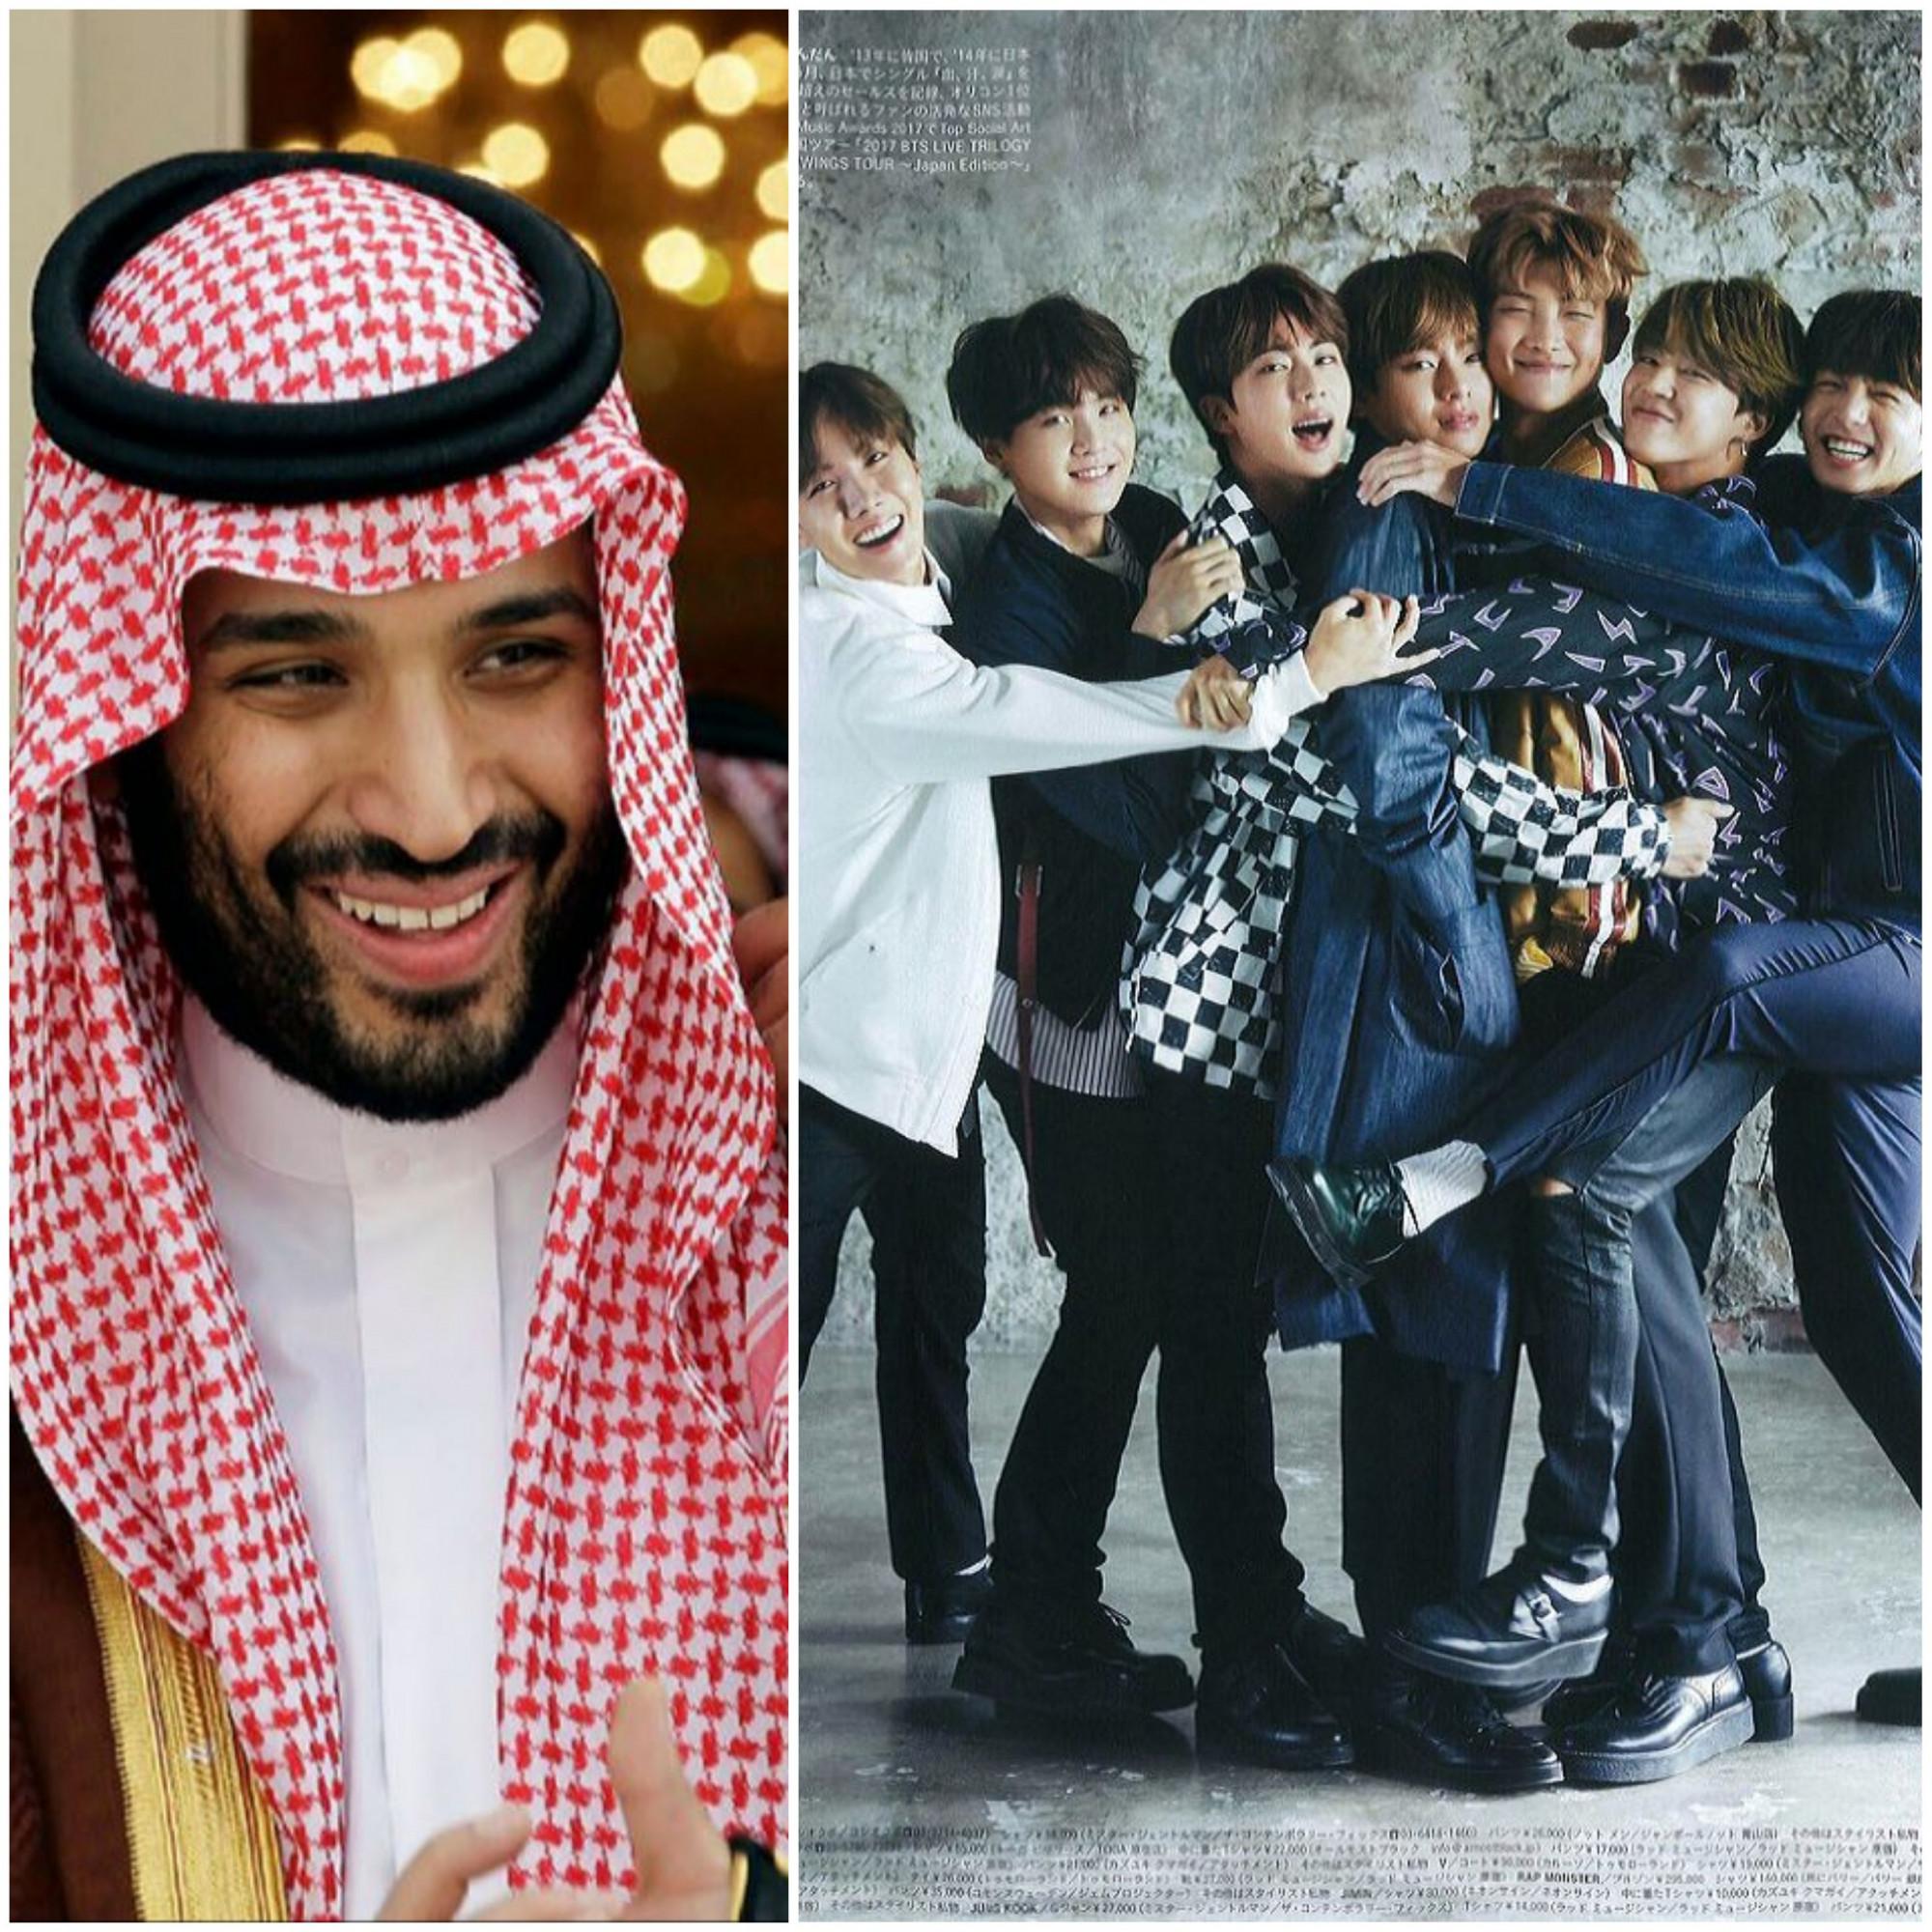 Thái tử Ả Rập Saudi - Mohammed bin Salman bày tỏ mong muốn BTS trình diễn nhiều hơn tại quốc gia Trung Đông